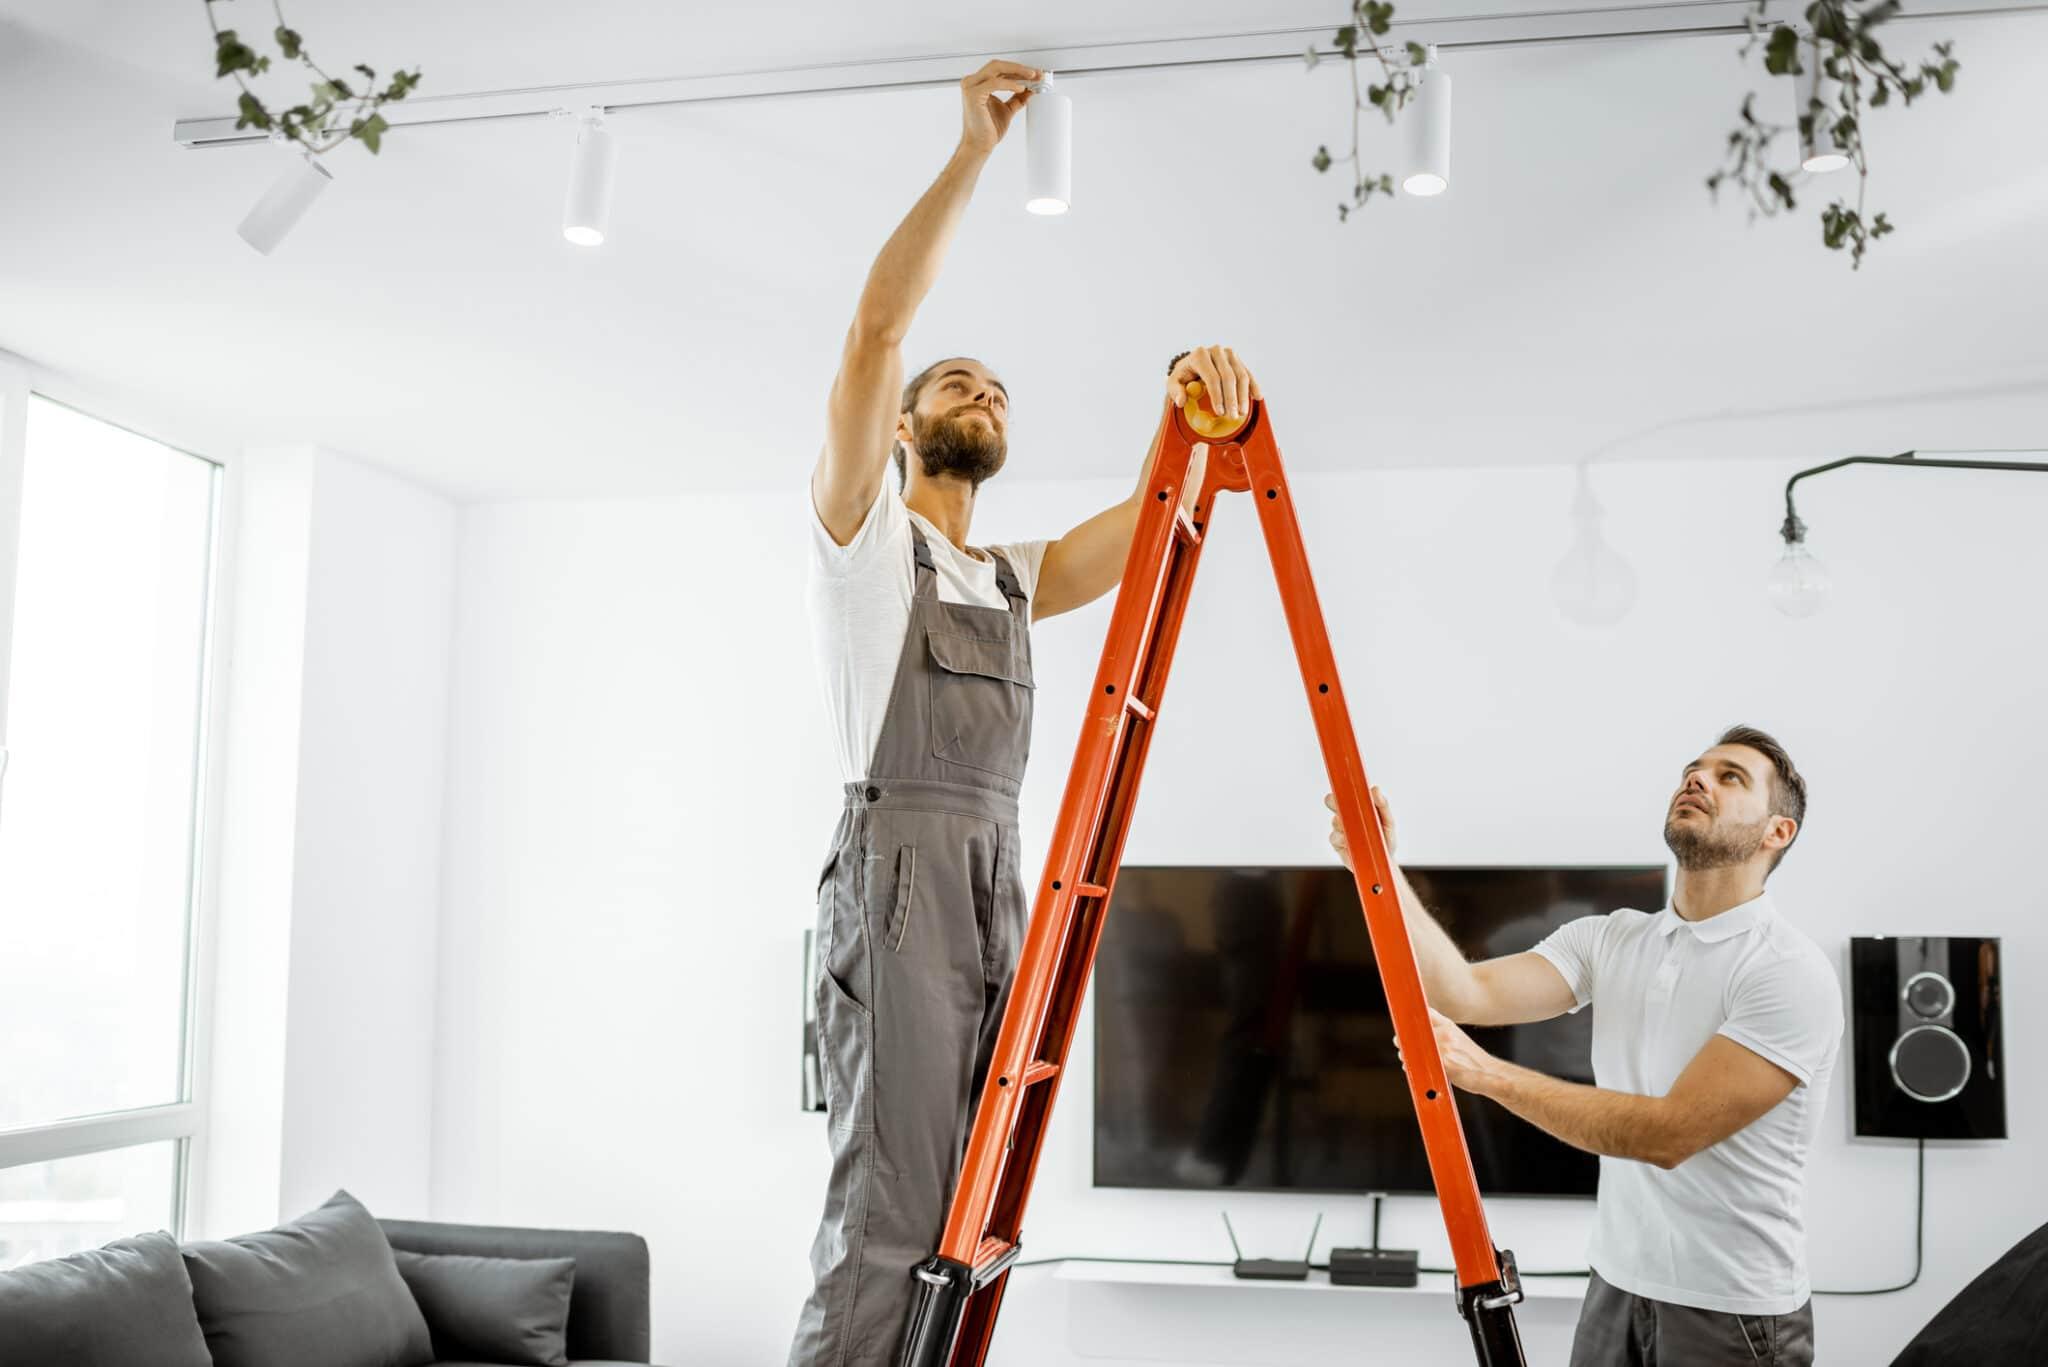 Men installing lights at home